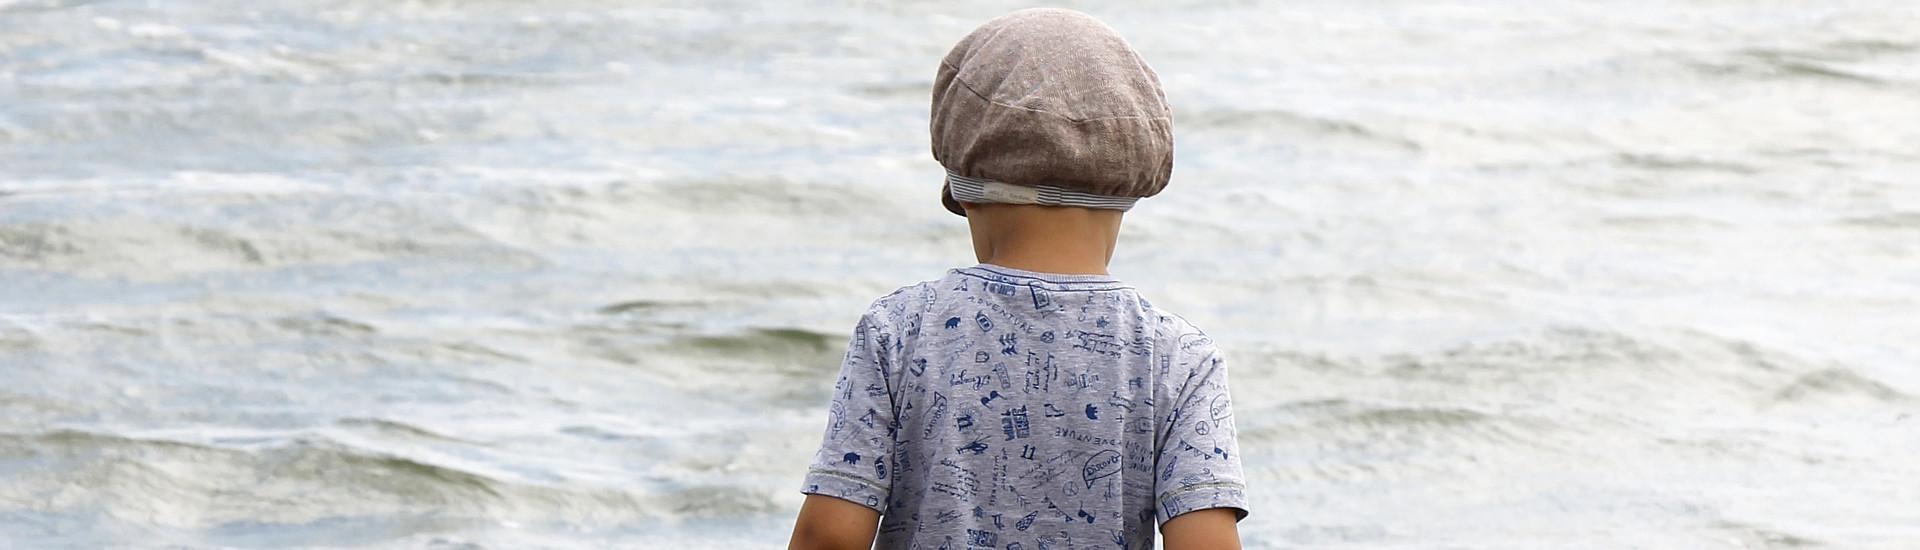 Junge am Meer mit Sanetta T-Shirt